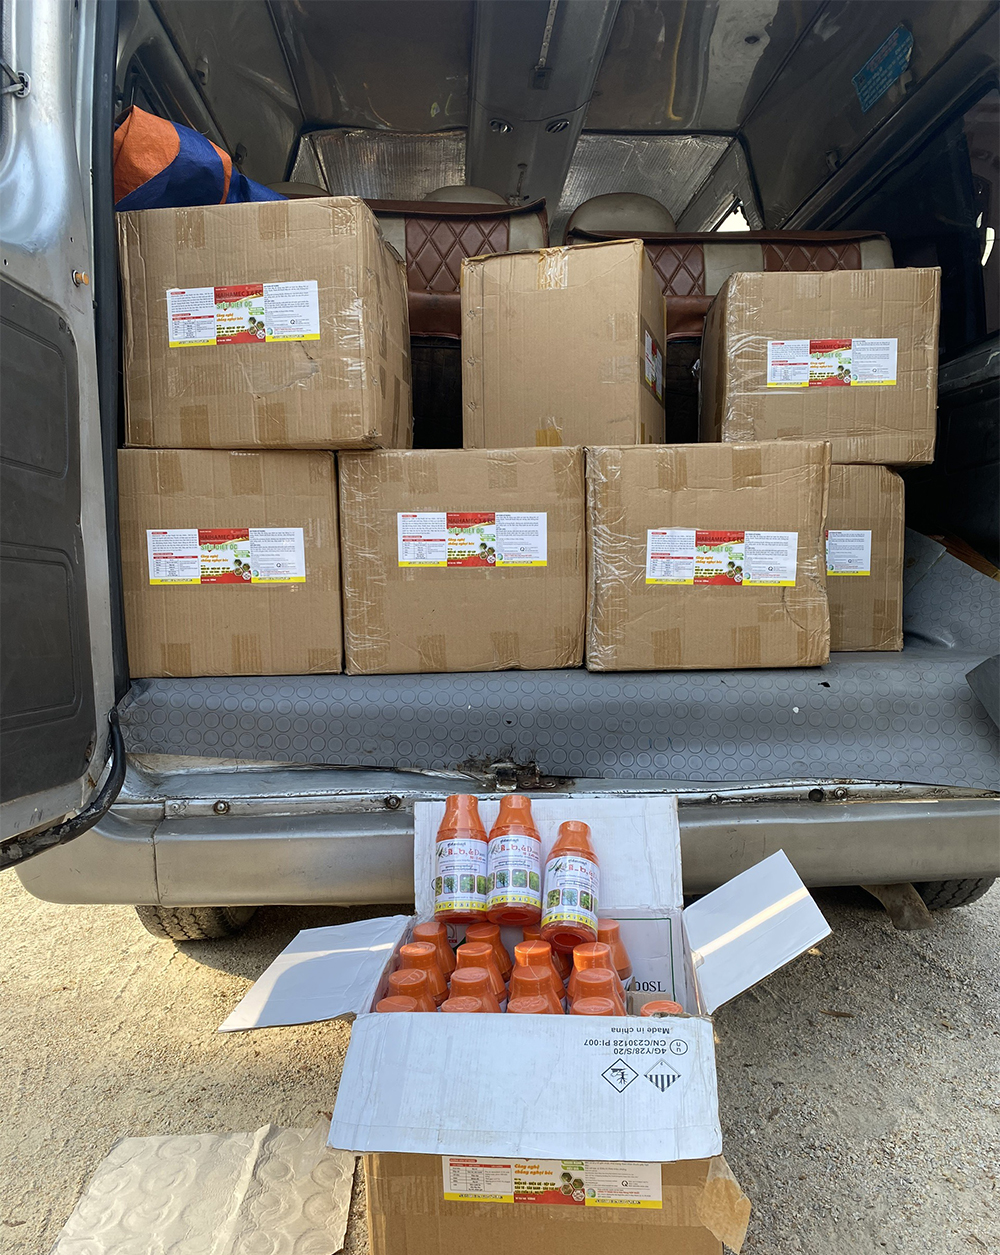 An Giang: Liên tiếp bắt giữ hàng nghìn chai thuốc bảo vệ thực vật không hóa đơn chứng từ - Ảnh 1.